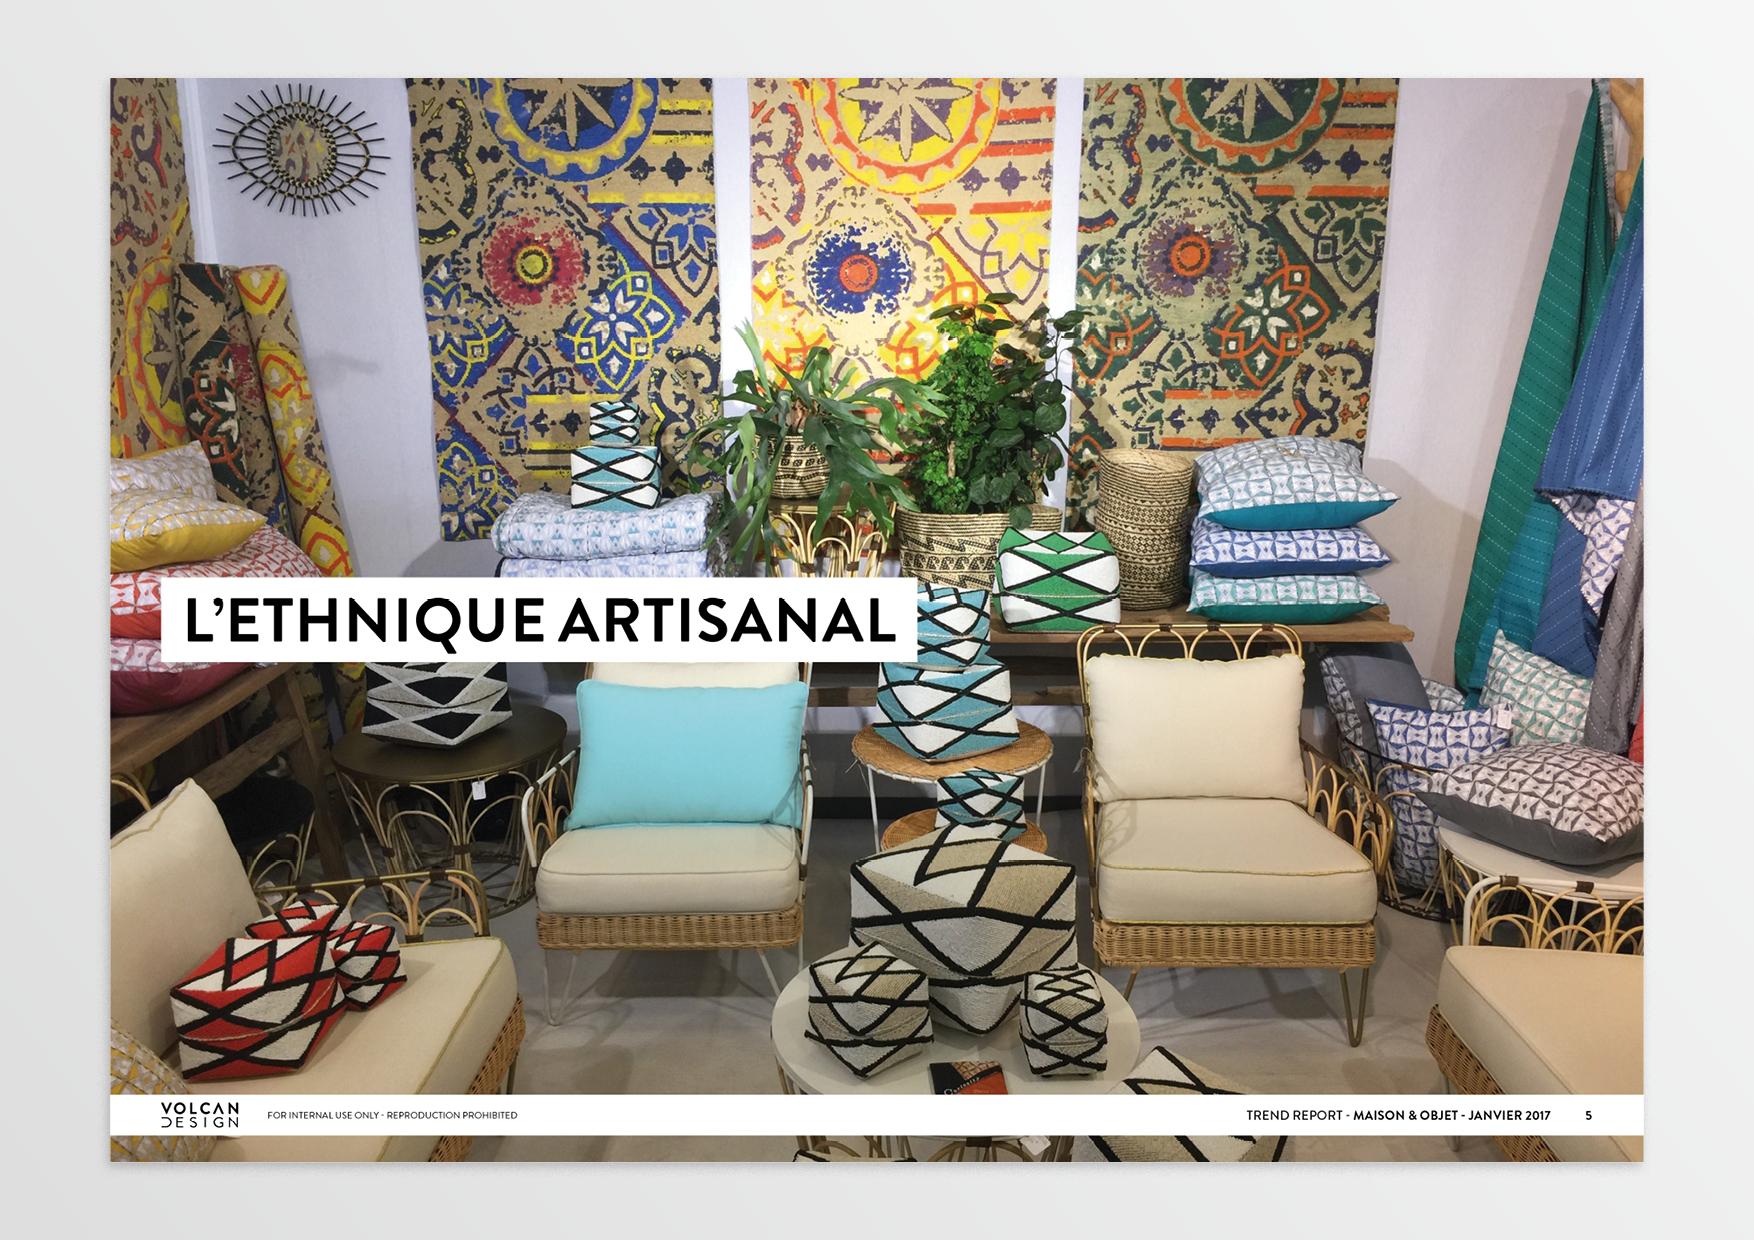 trend report maison objet janvier 2017 volcan design. Black Bedroom Furniture Sets. Home Design Ideas